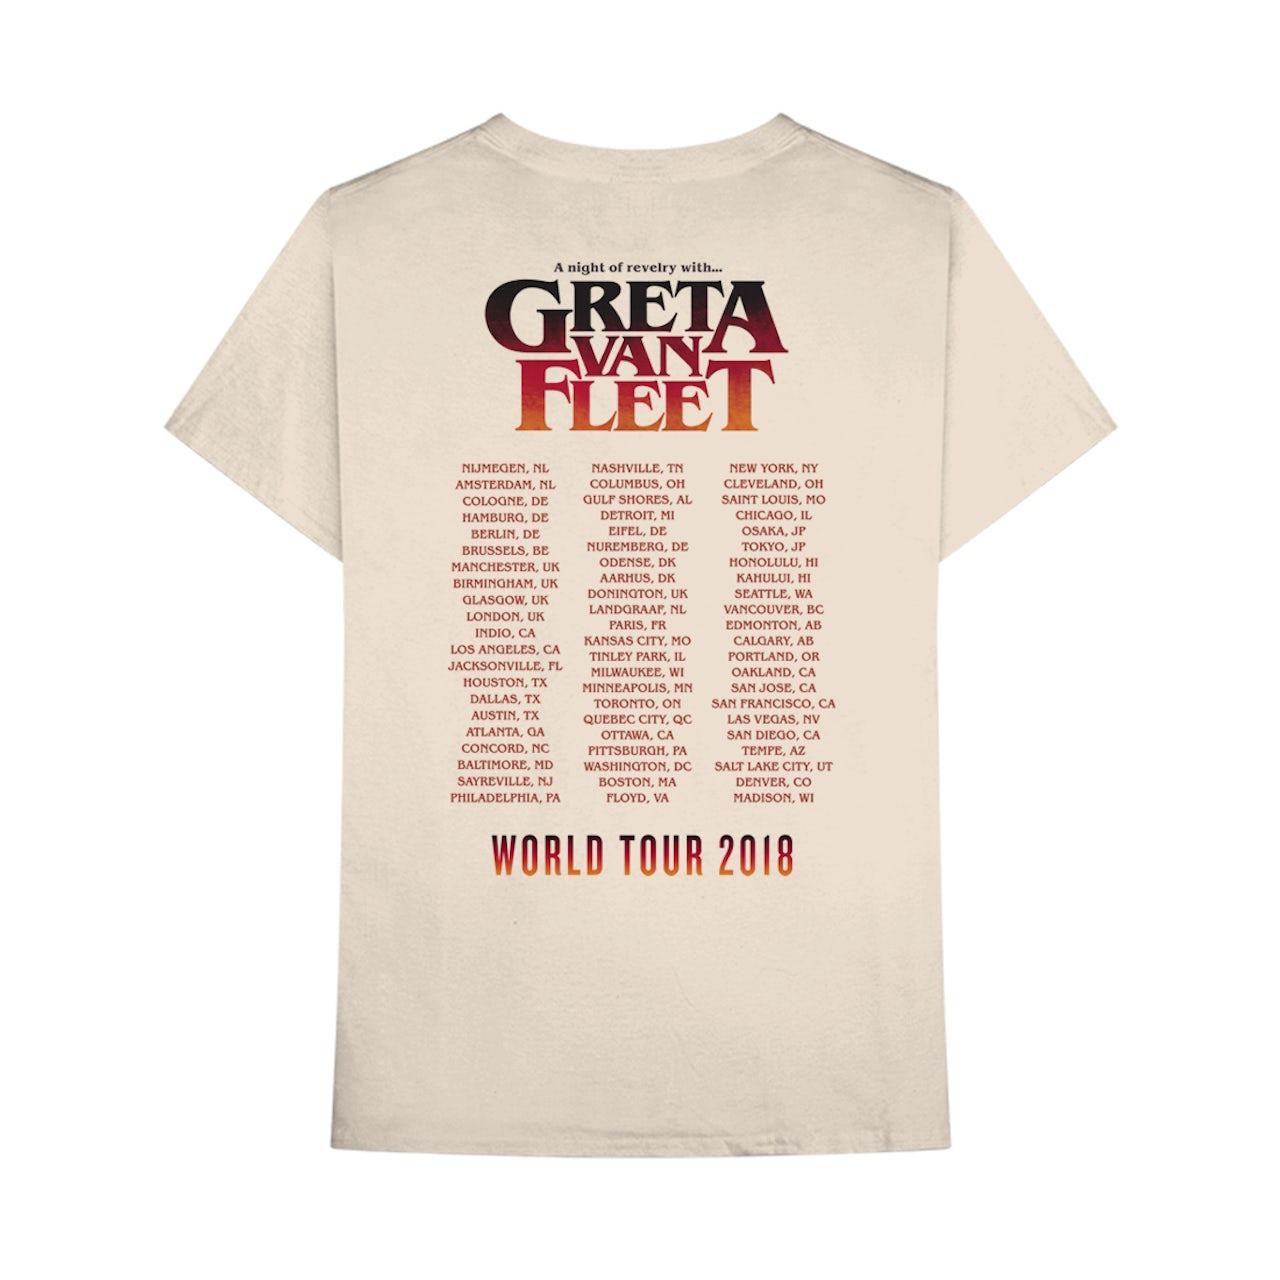 Greta Van Fleet A NIGHT OF REVELRY TOUR TEE